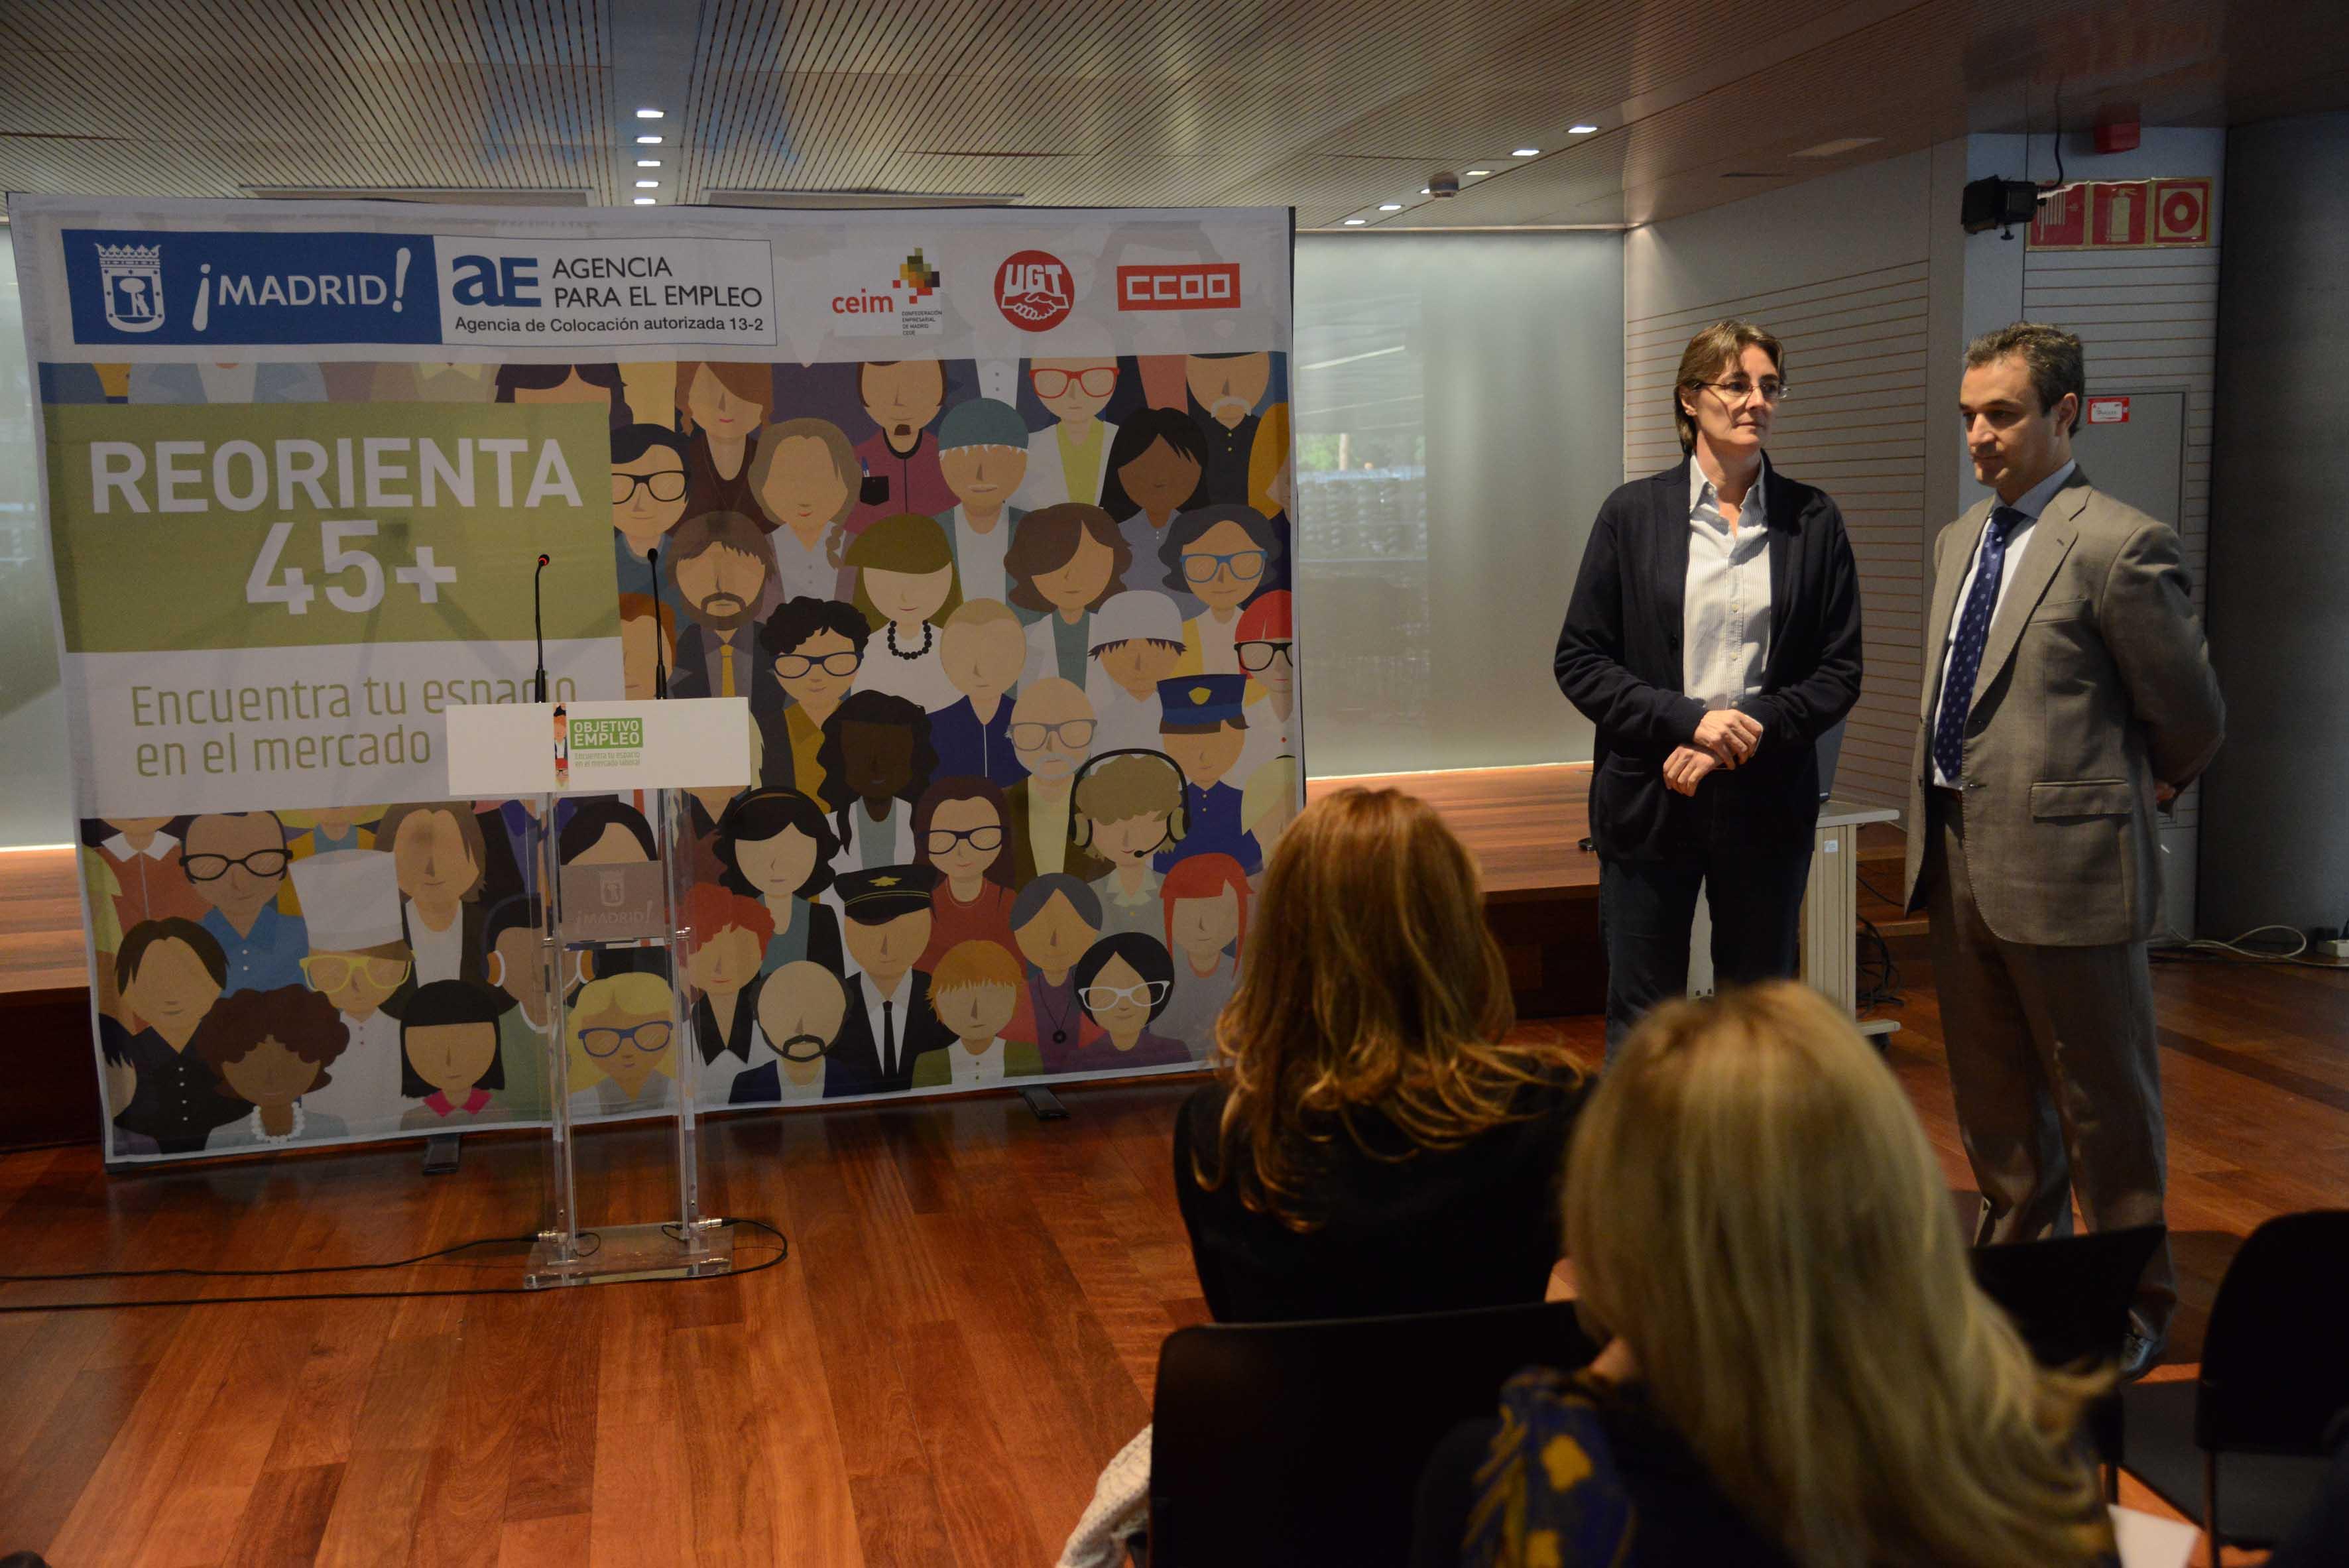 Reorienta 45 rompiendo barreras hacia el empleo for Portal empleo madrid